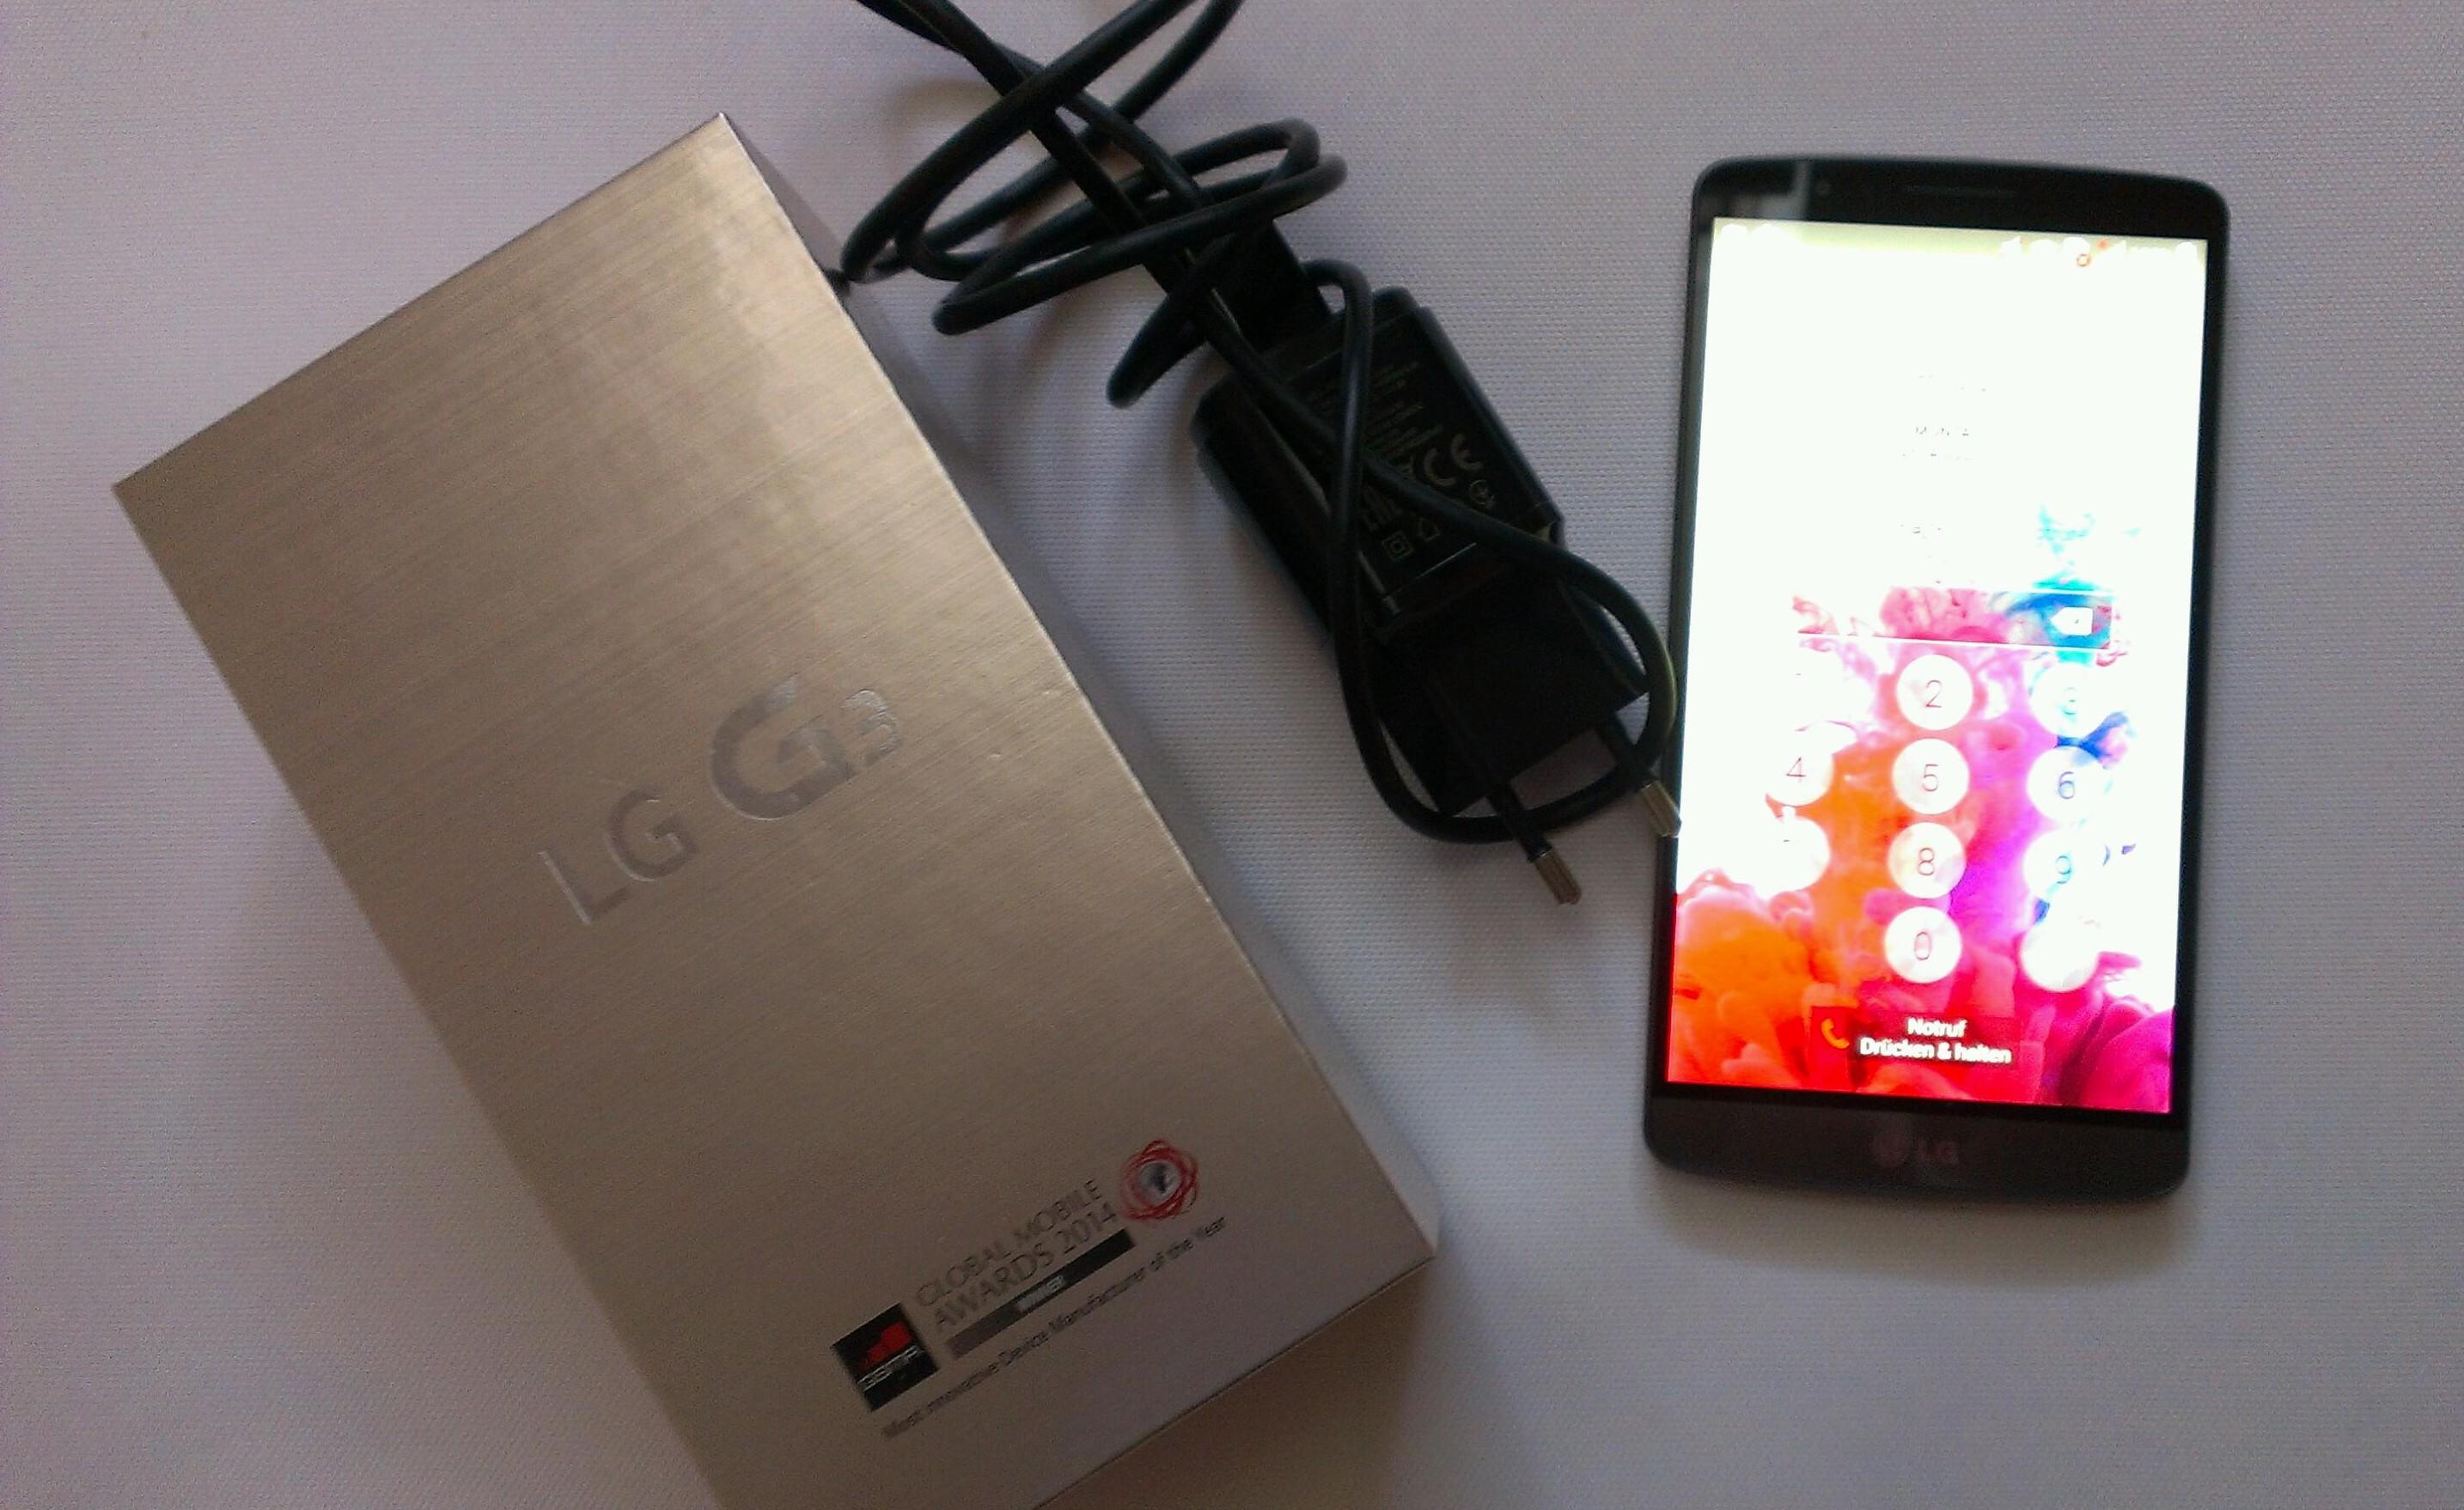 Das LG G3 im Test – Mein Allroundtalent 2014